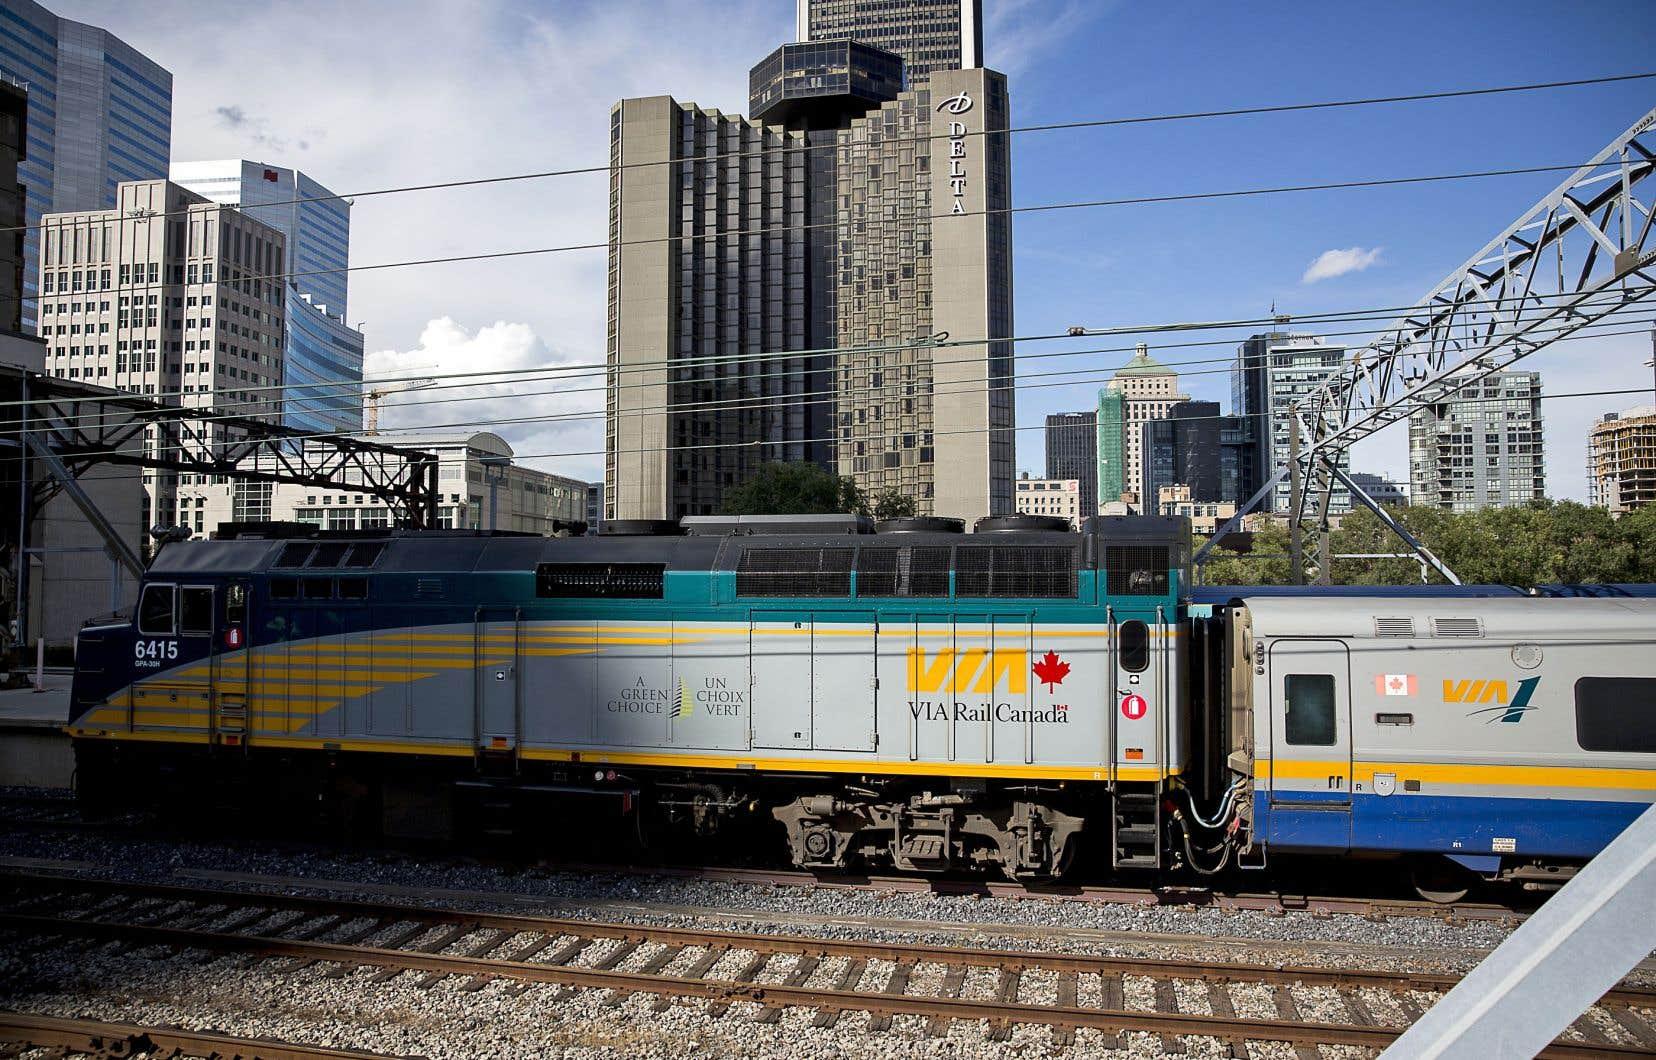 Le dernier budget fédéral, déposé en mars, prévoyait des fonds destinés à l'étude d'un TGF (train à grande fréquence) dans le corridor Windsor-Québec.